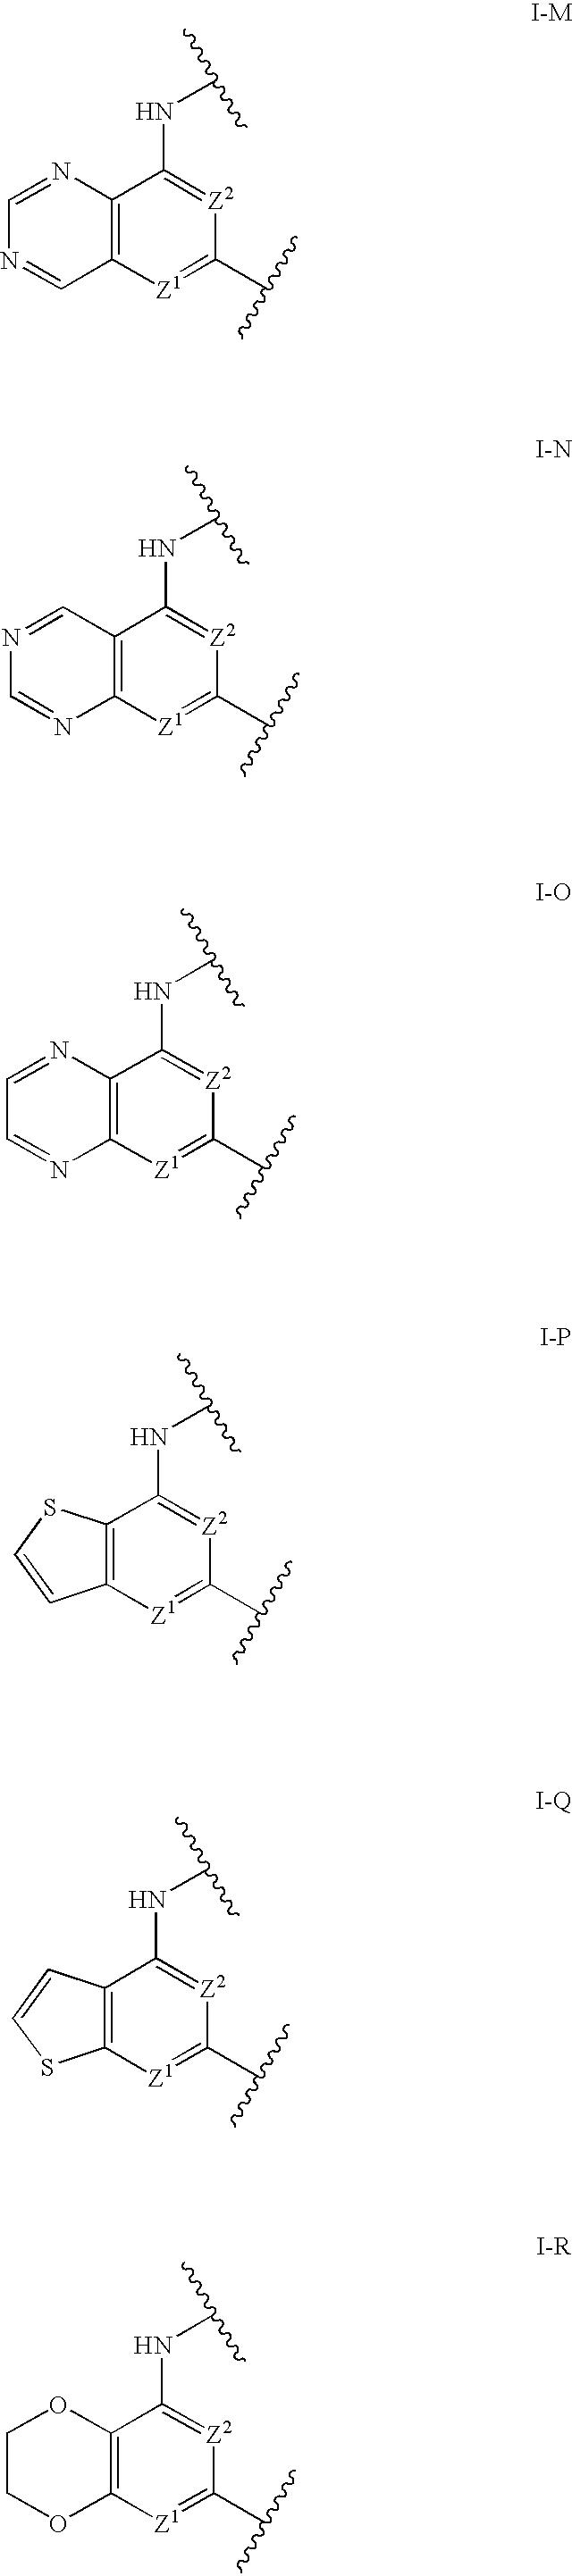 Figure US07531536-20090512-C00006